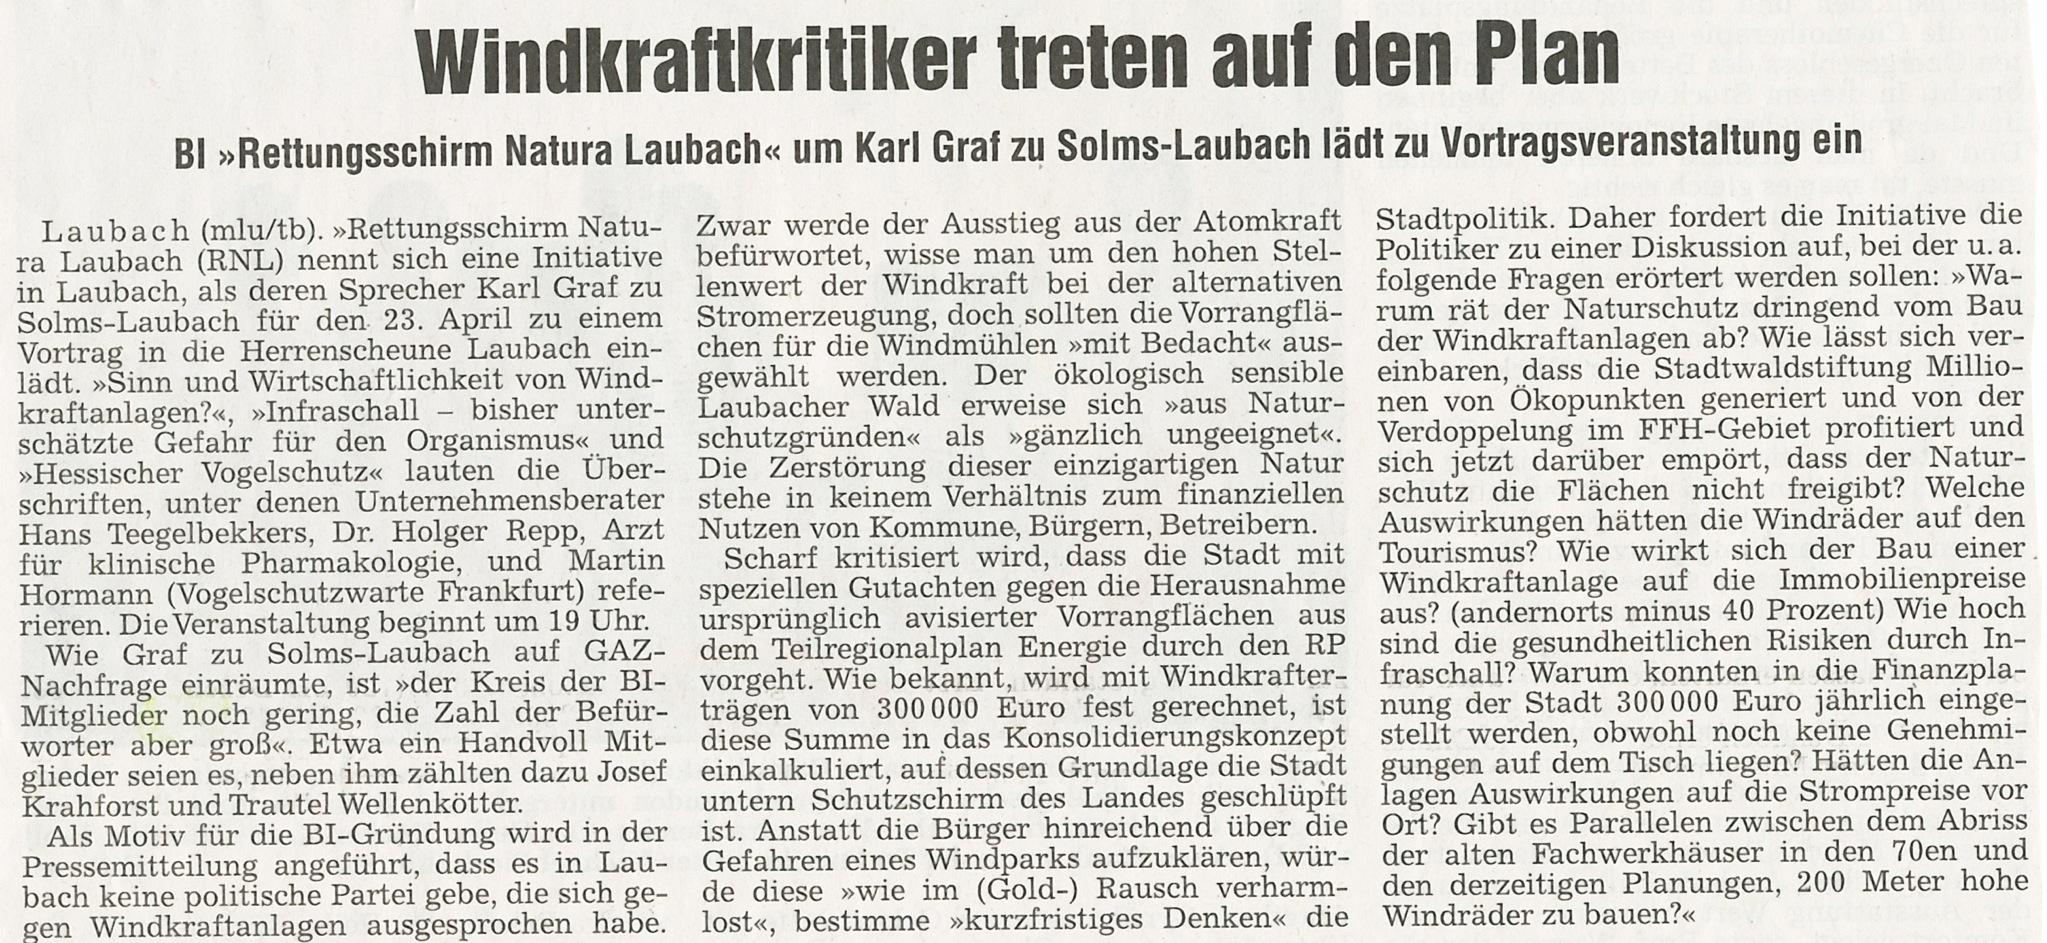 Einladung Infoveranstaltung am 23.04.2013 in Laubach